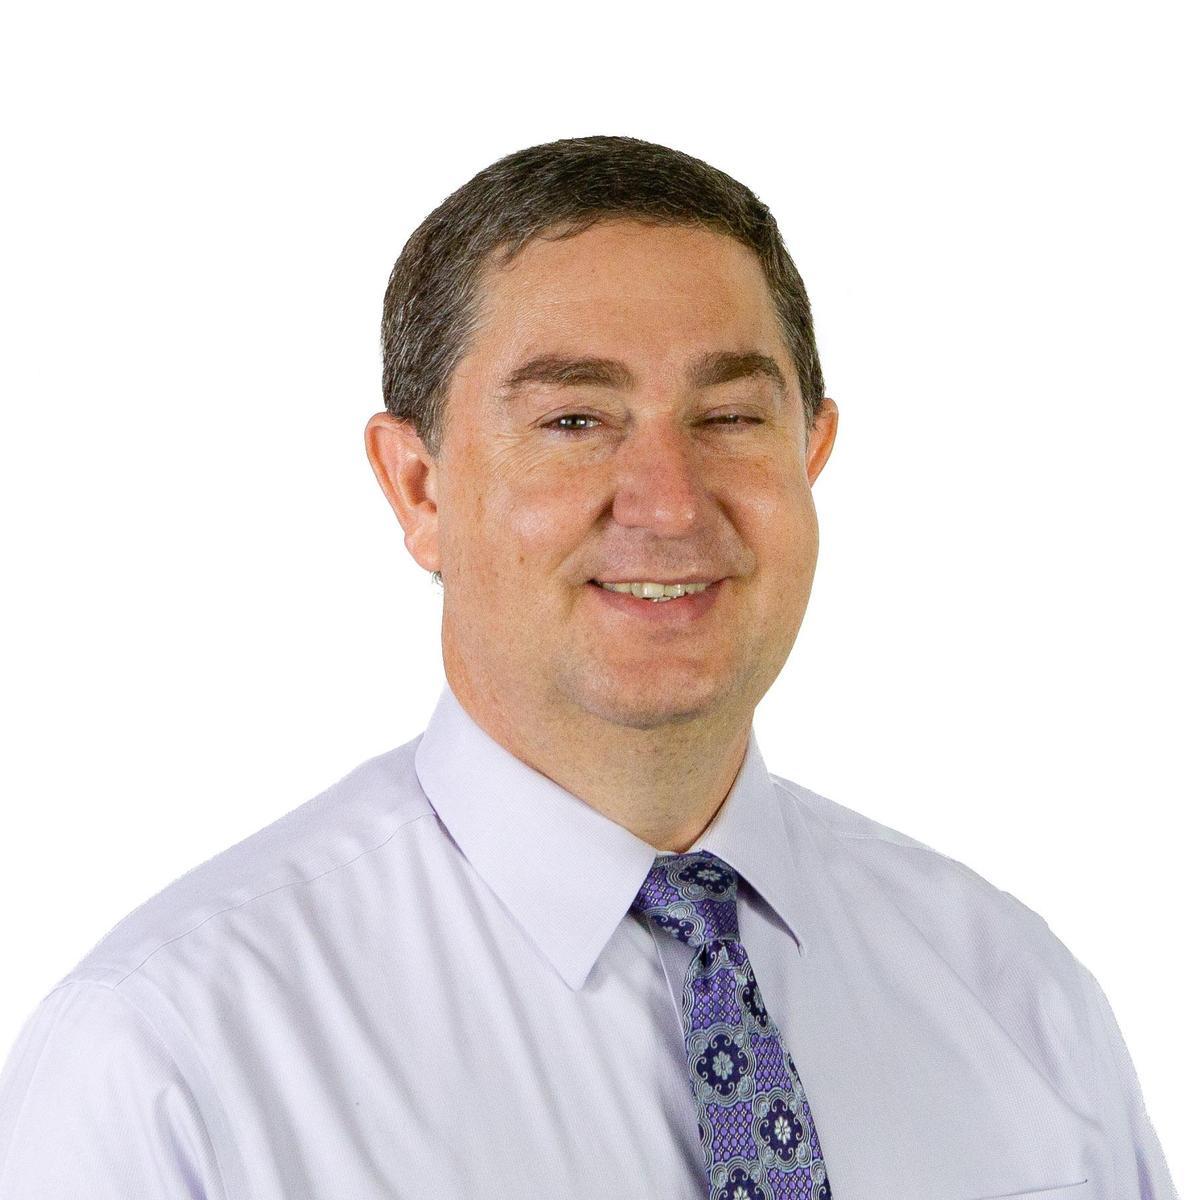 Mr. Casey Ritchie